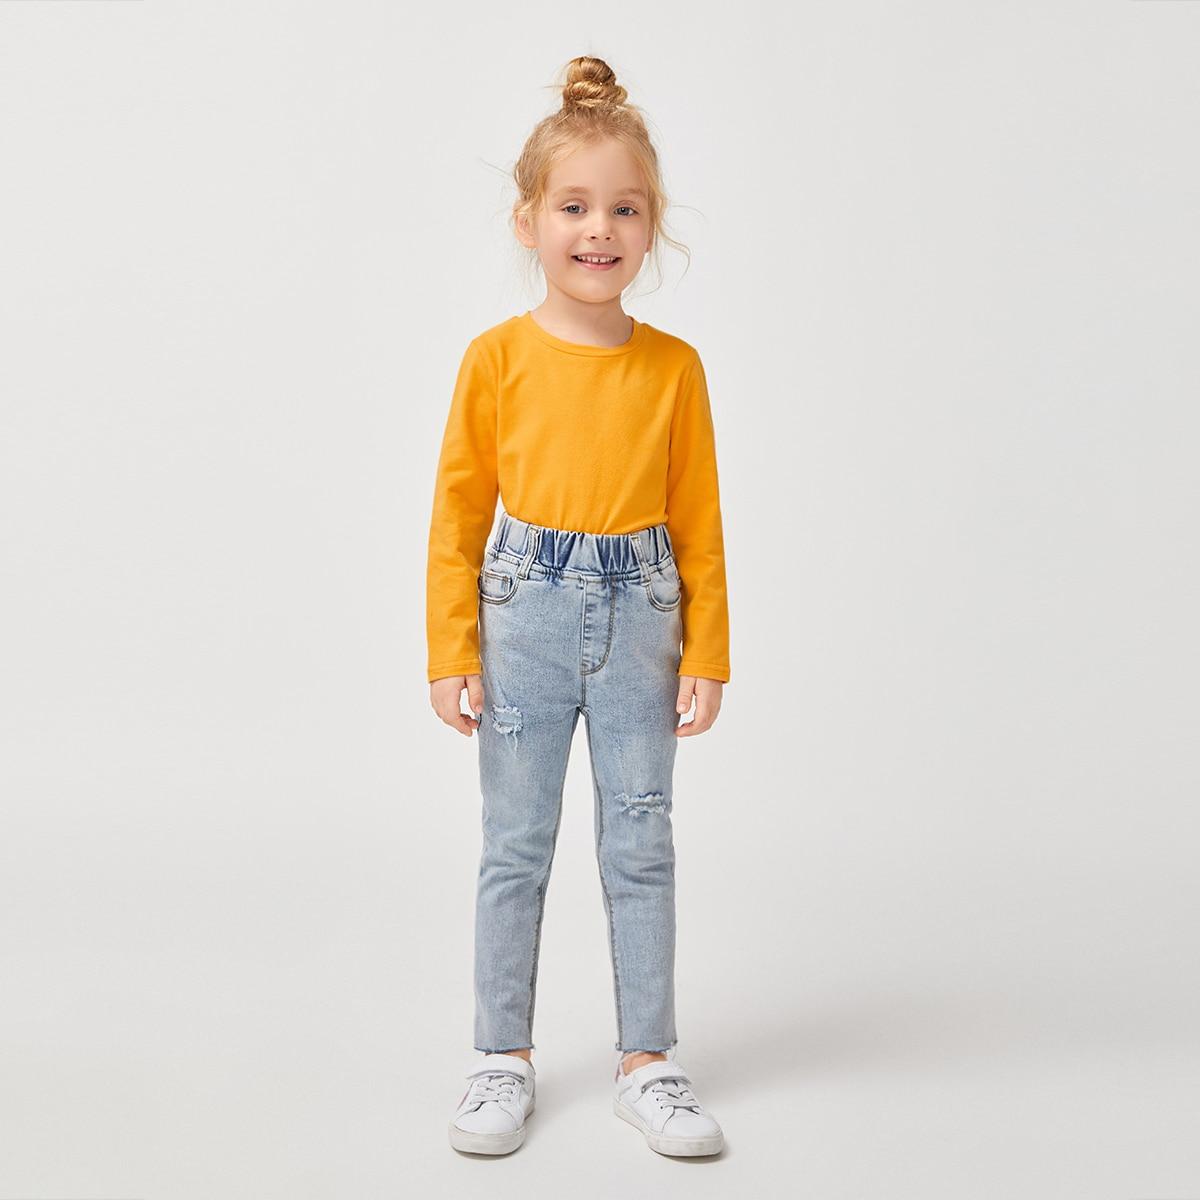 Одноцветный повседневный футболки для маленьких девочек